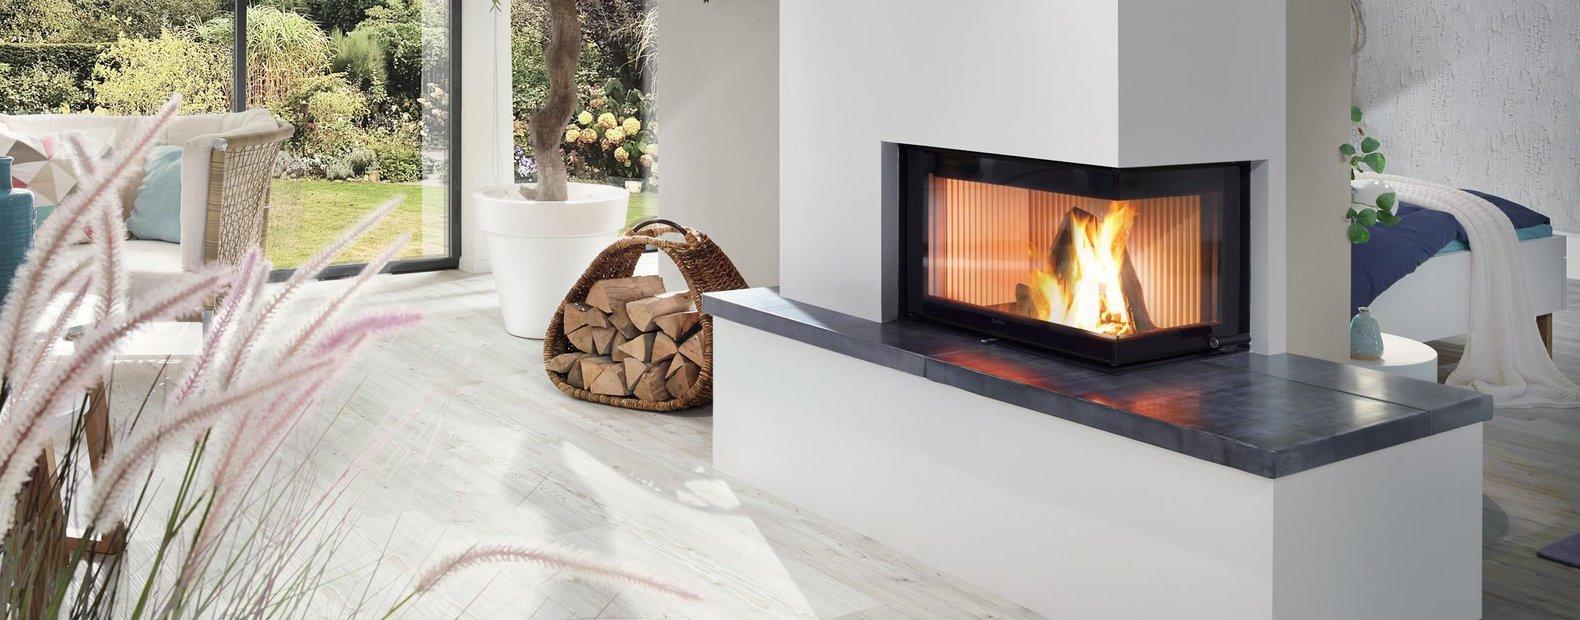 baufeuer plant ihren leda kamin baufeuer brandherm gmbh. Black Bedroom Furniture Sets. Home Design Ideas